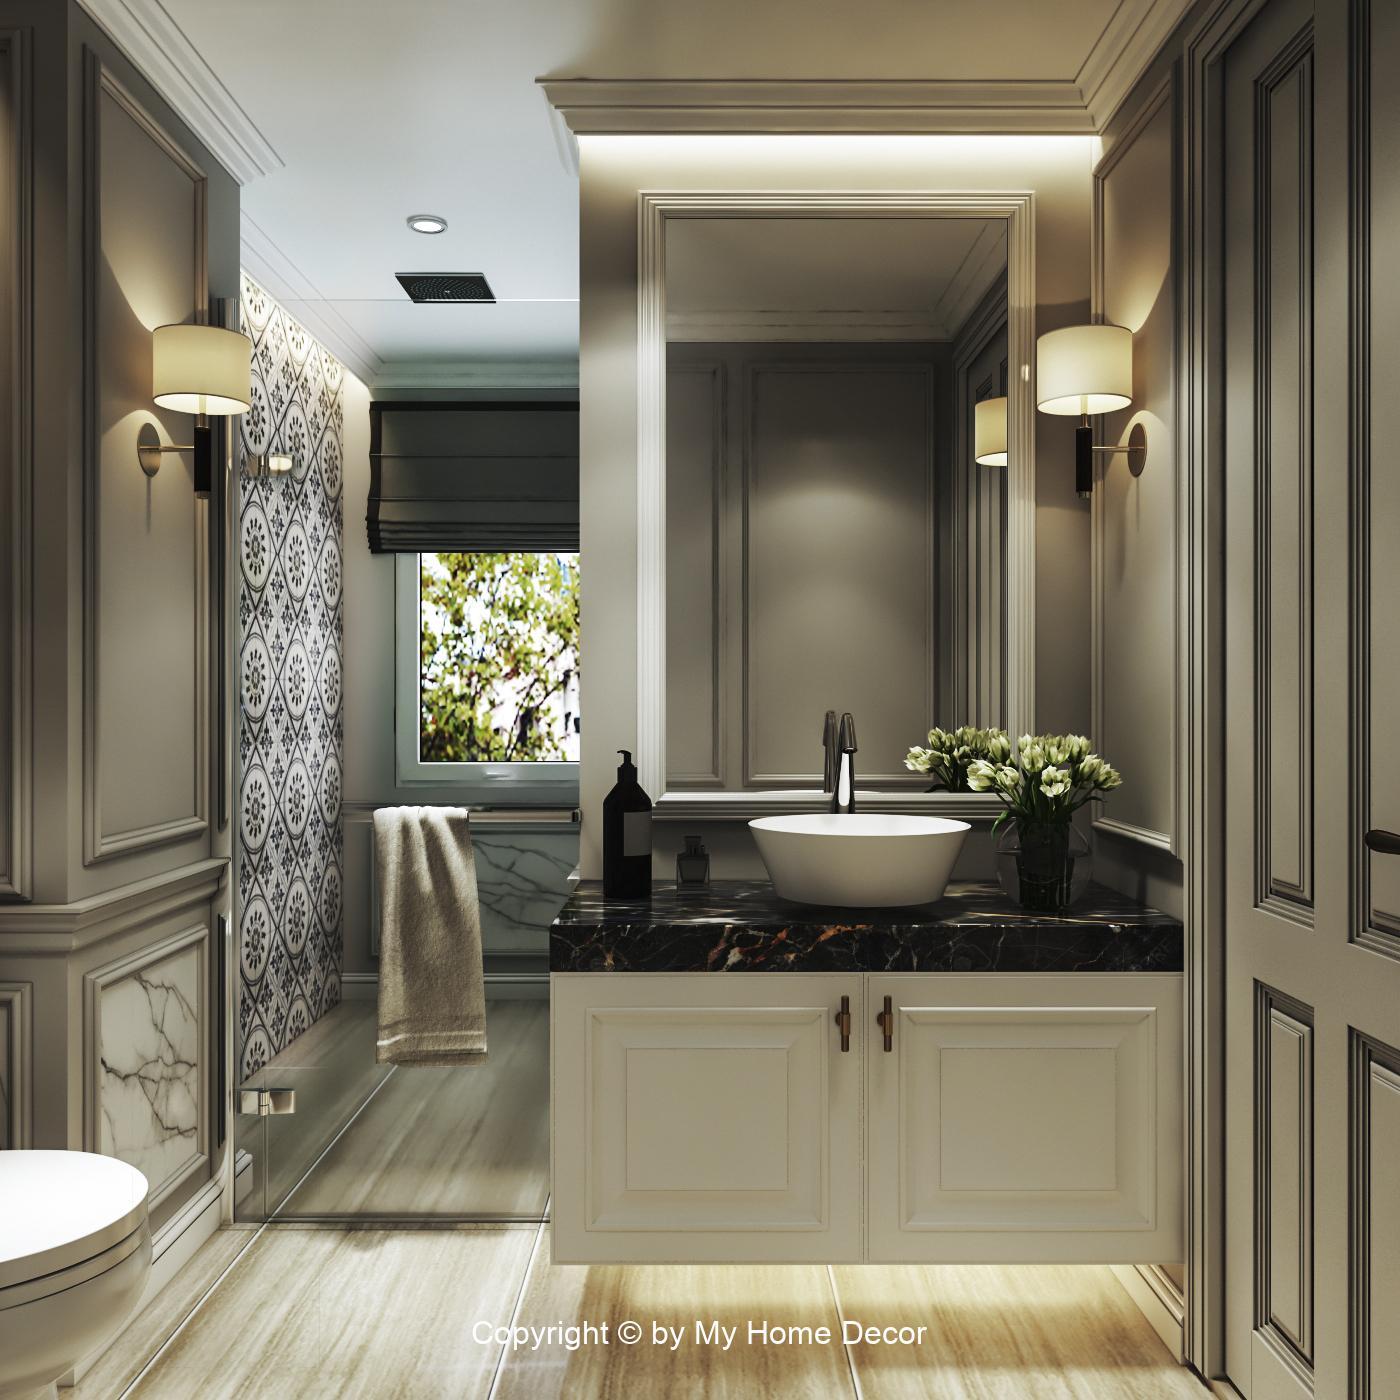 Thiết kế nhà vệ sinh Waterpoint.